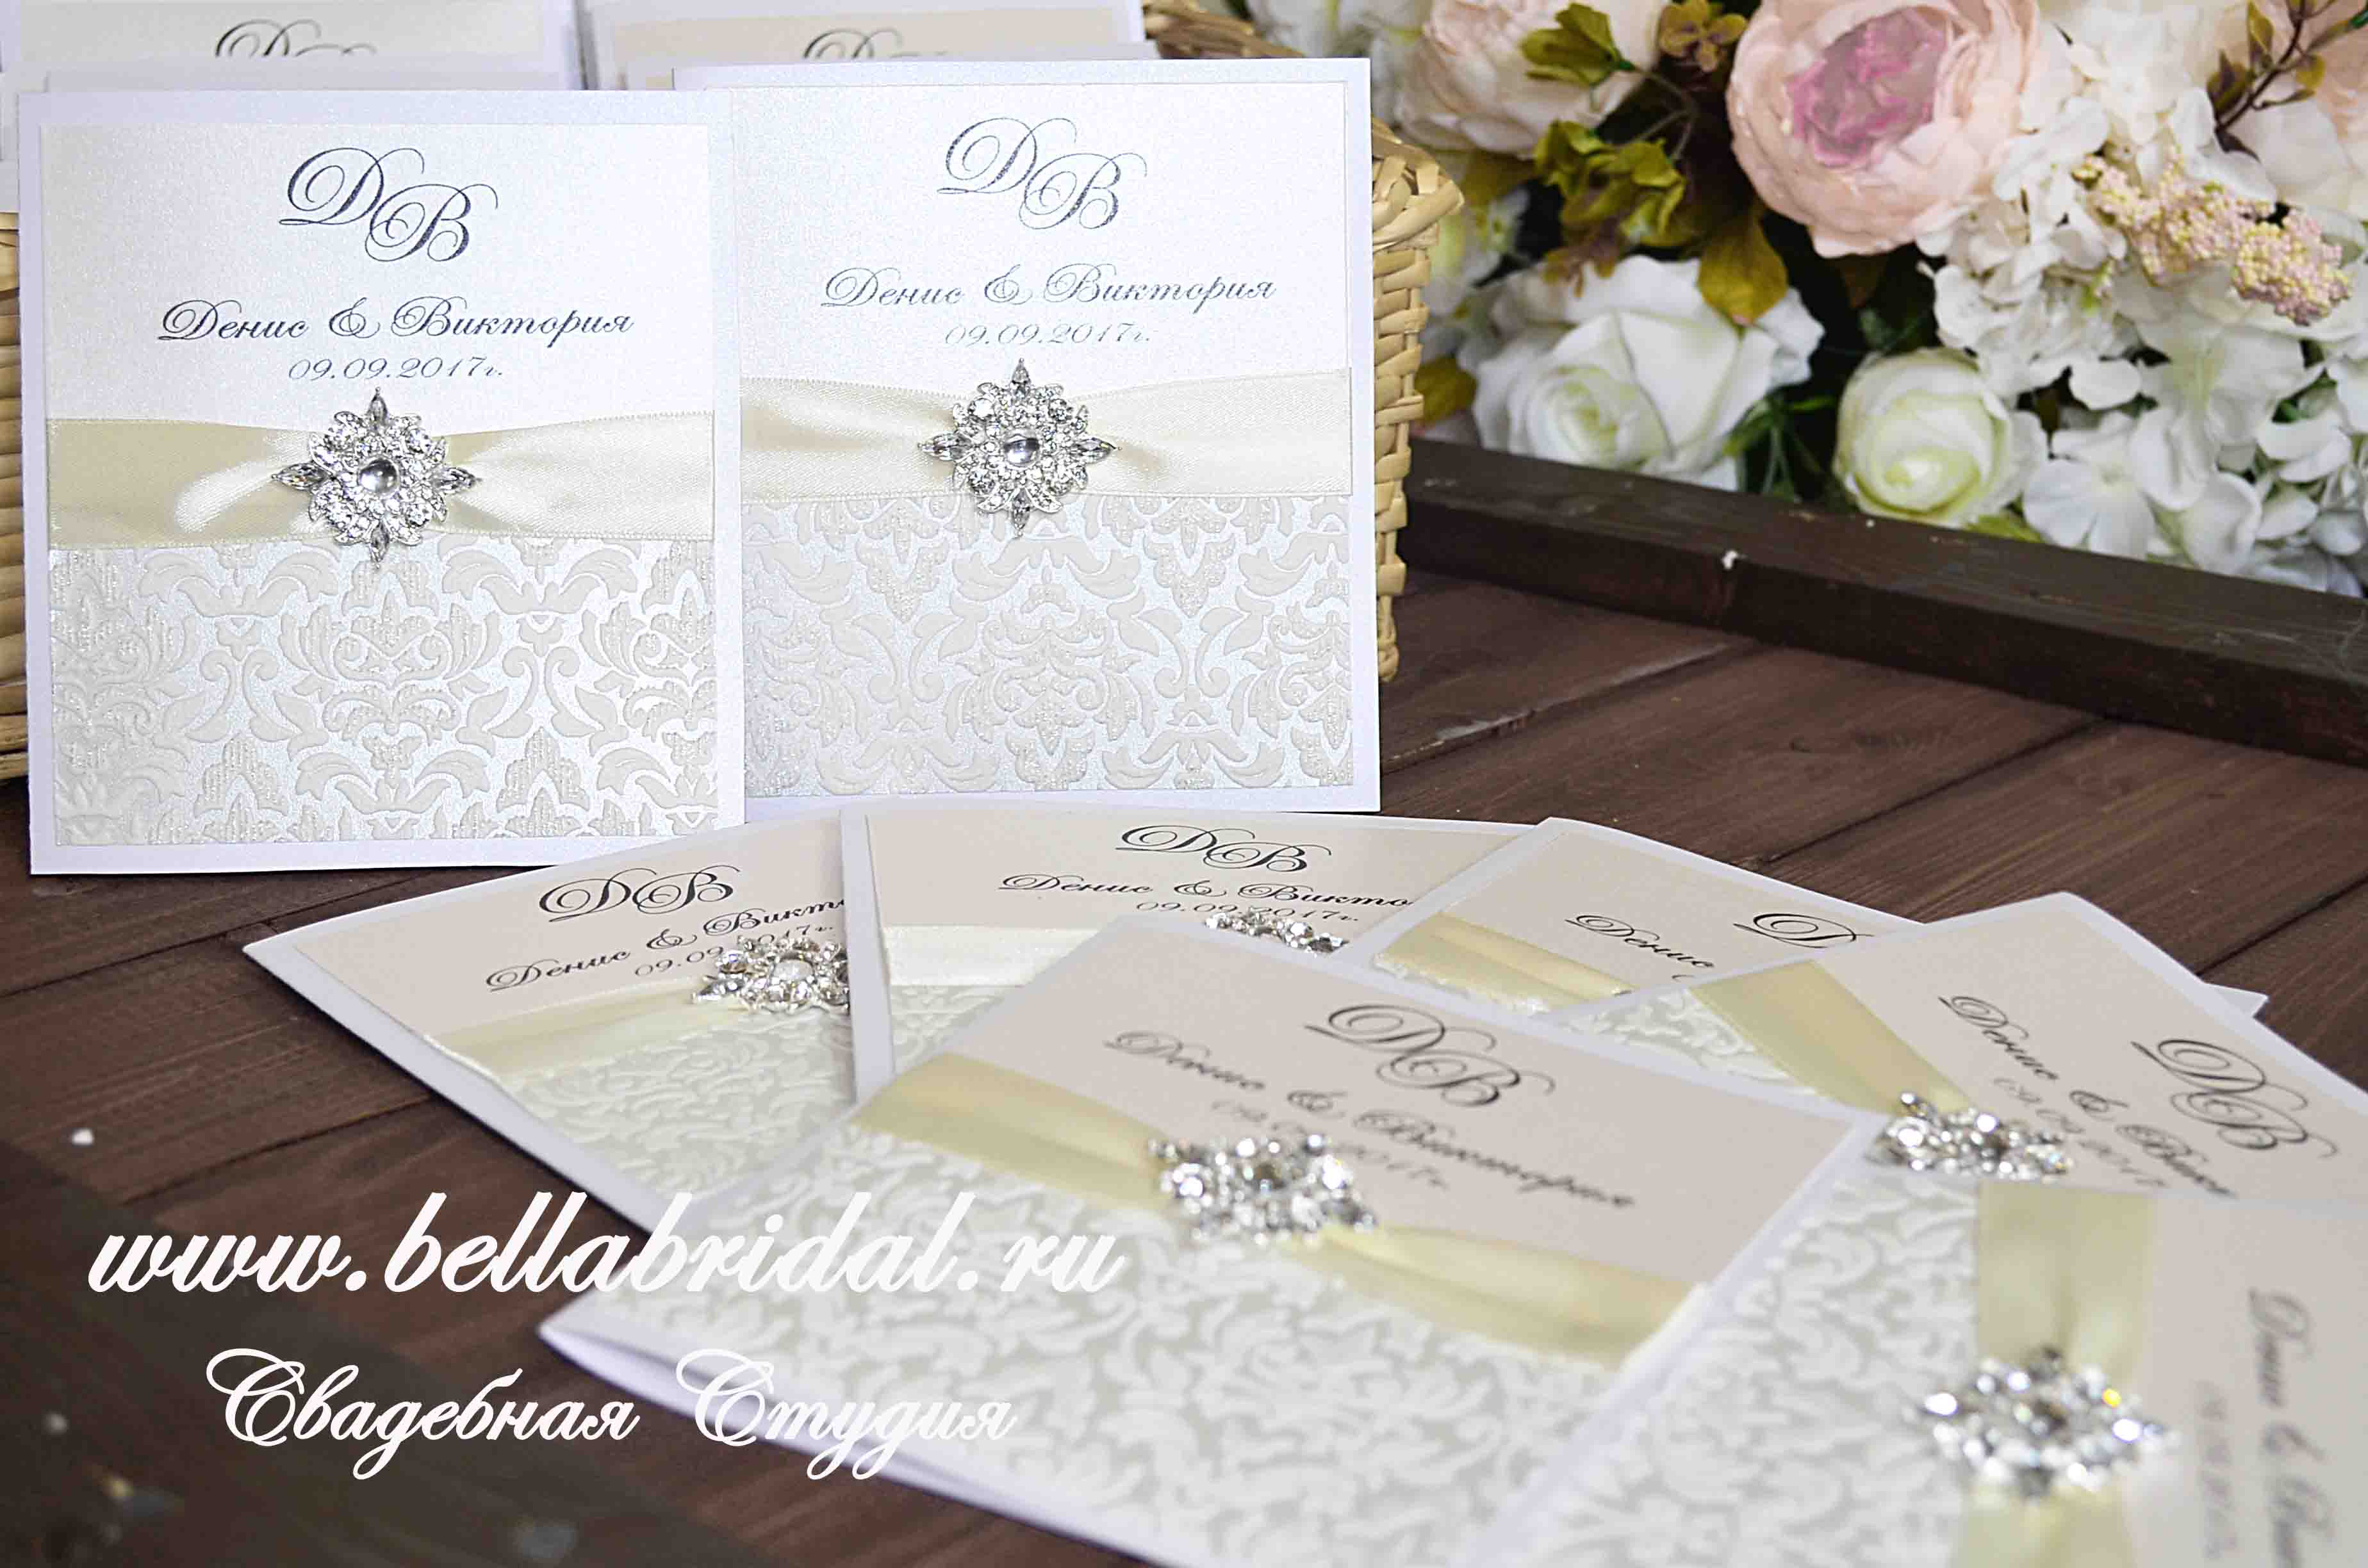 Примеры текстов приглашения на свадьбу: красивые и забавные варианты